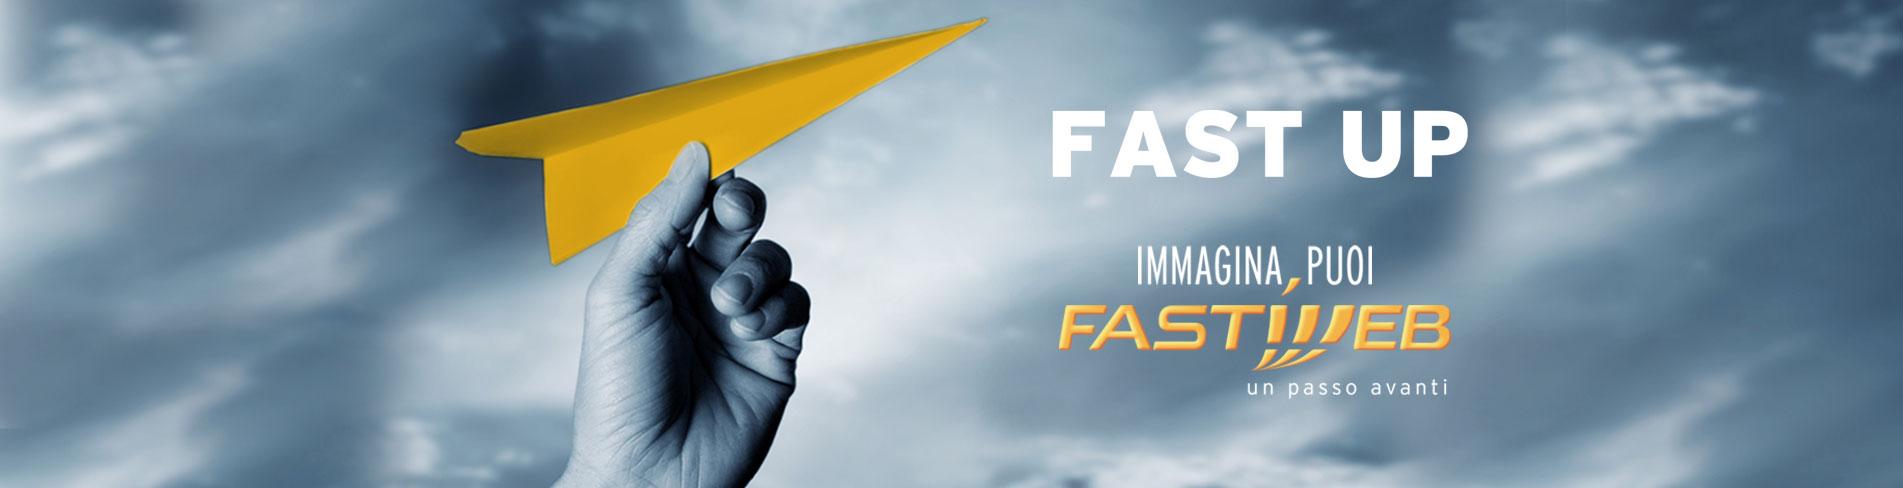 Realizzare una campagna di crowdfunding in italia con i consigli di Eppela e fastweb: che la folla sia con te!